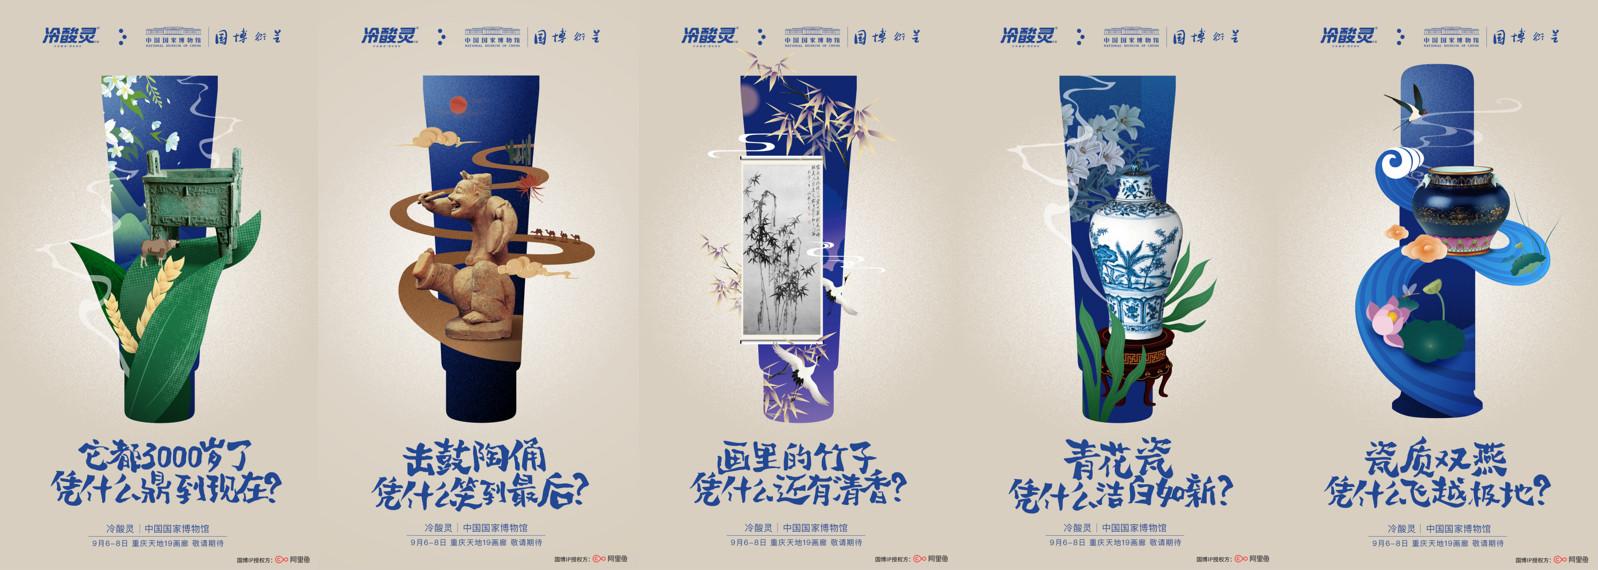 10-国博预热海报_meitu_3.jpg